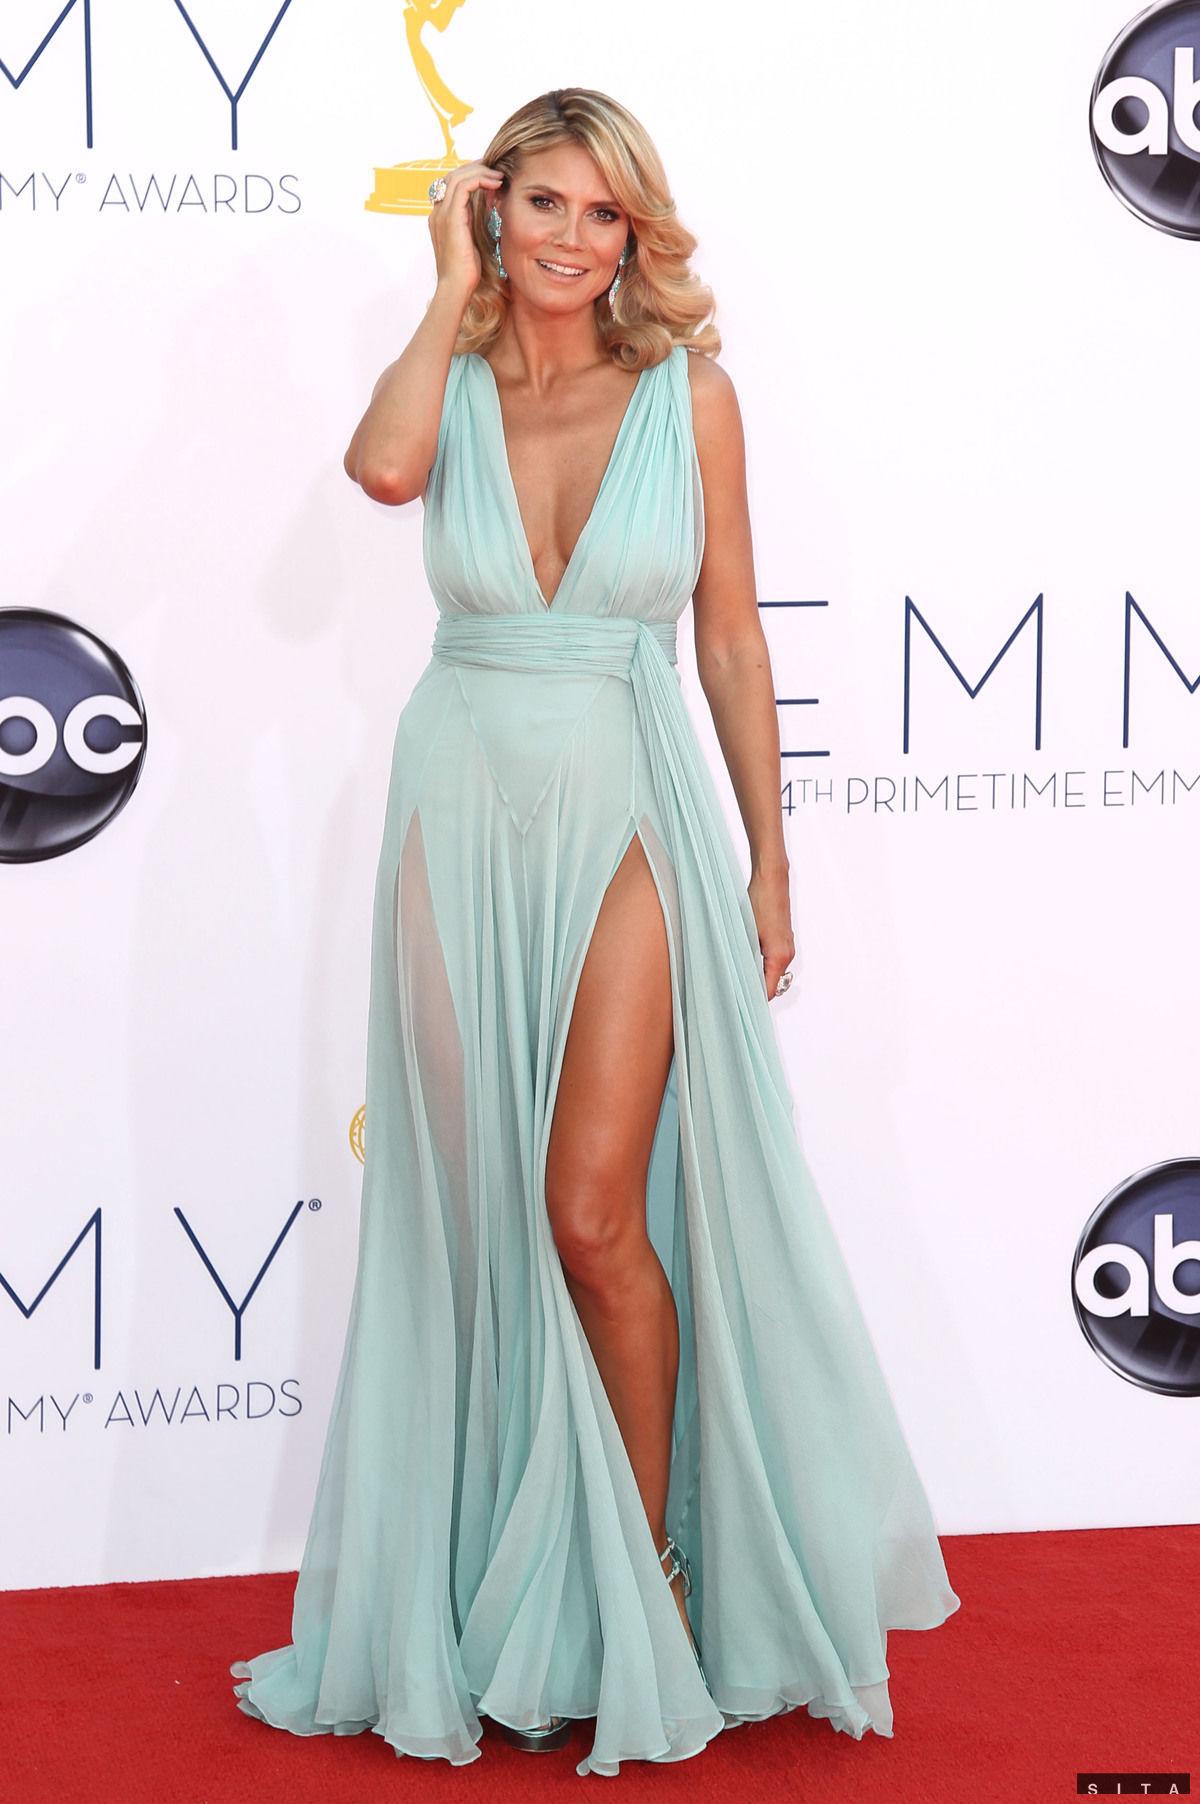 Modelka a moderátorka Heidi Klum prišla v šatách od dizajnéra Alexandra Vauthiera.